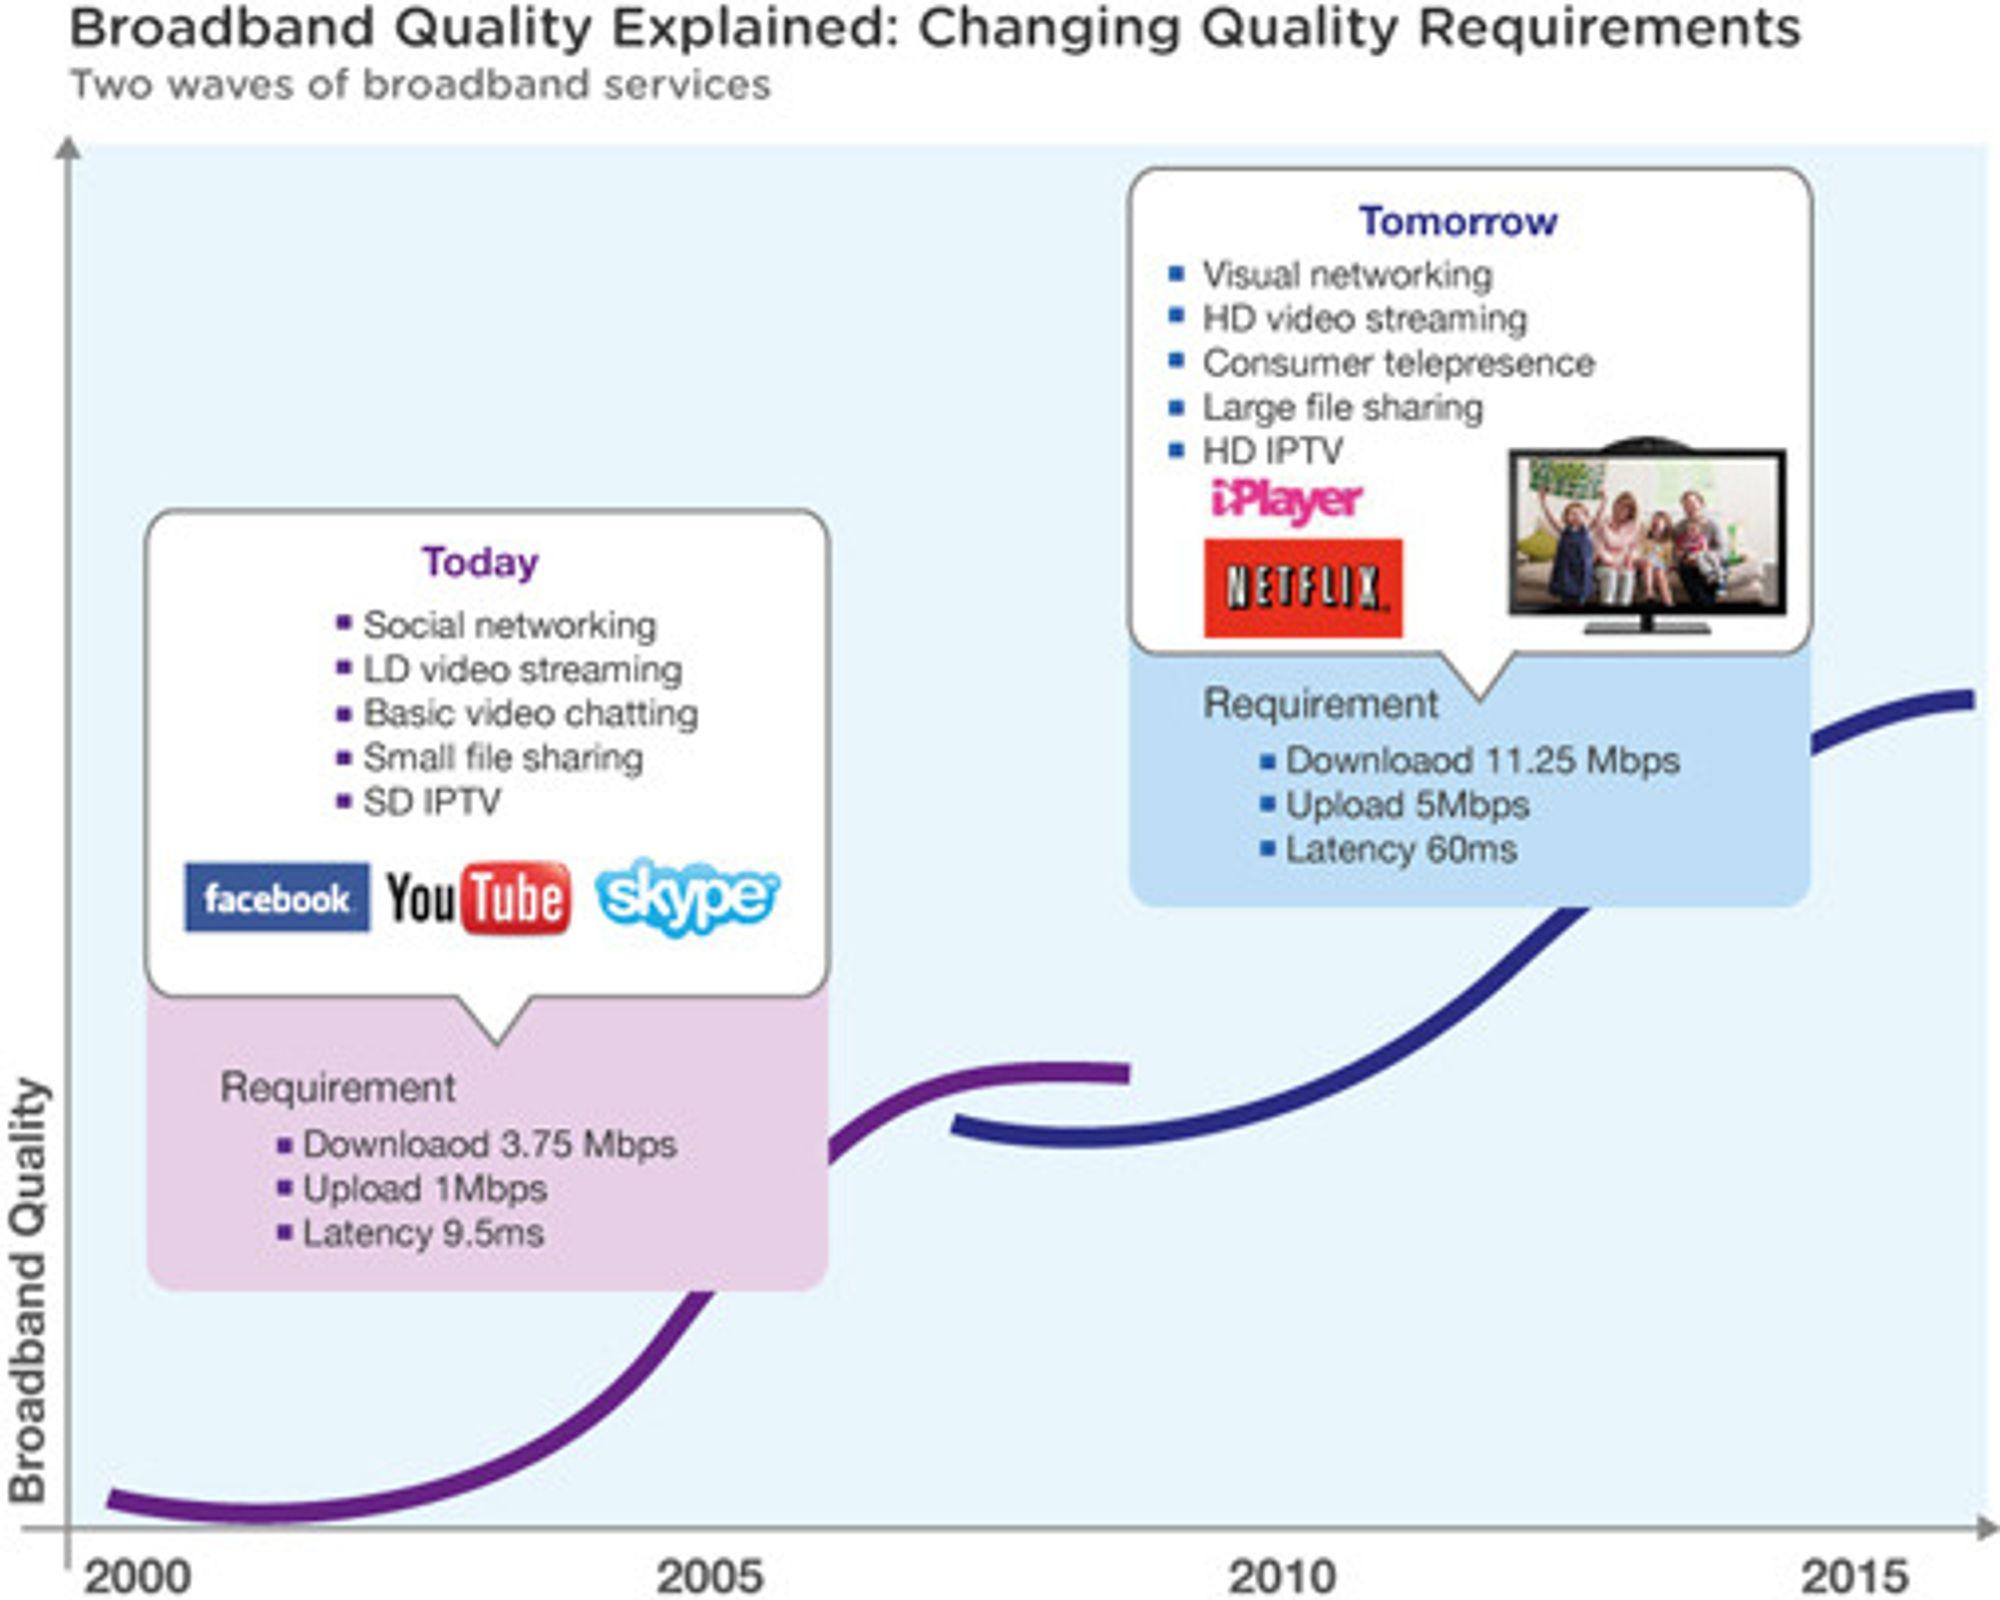 Slik defineres forskjellen på dagens og morgendagens krav til bredbåndskvalitet.